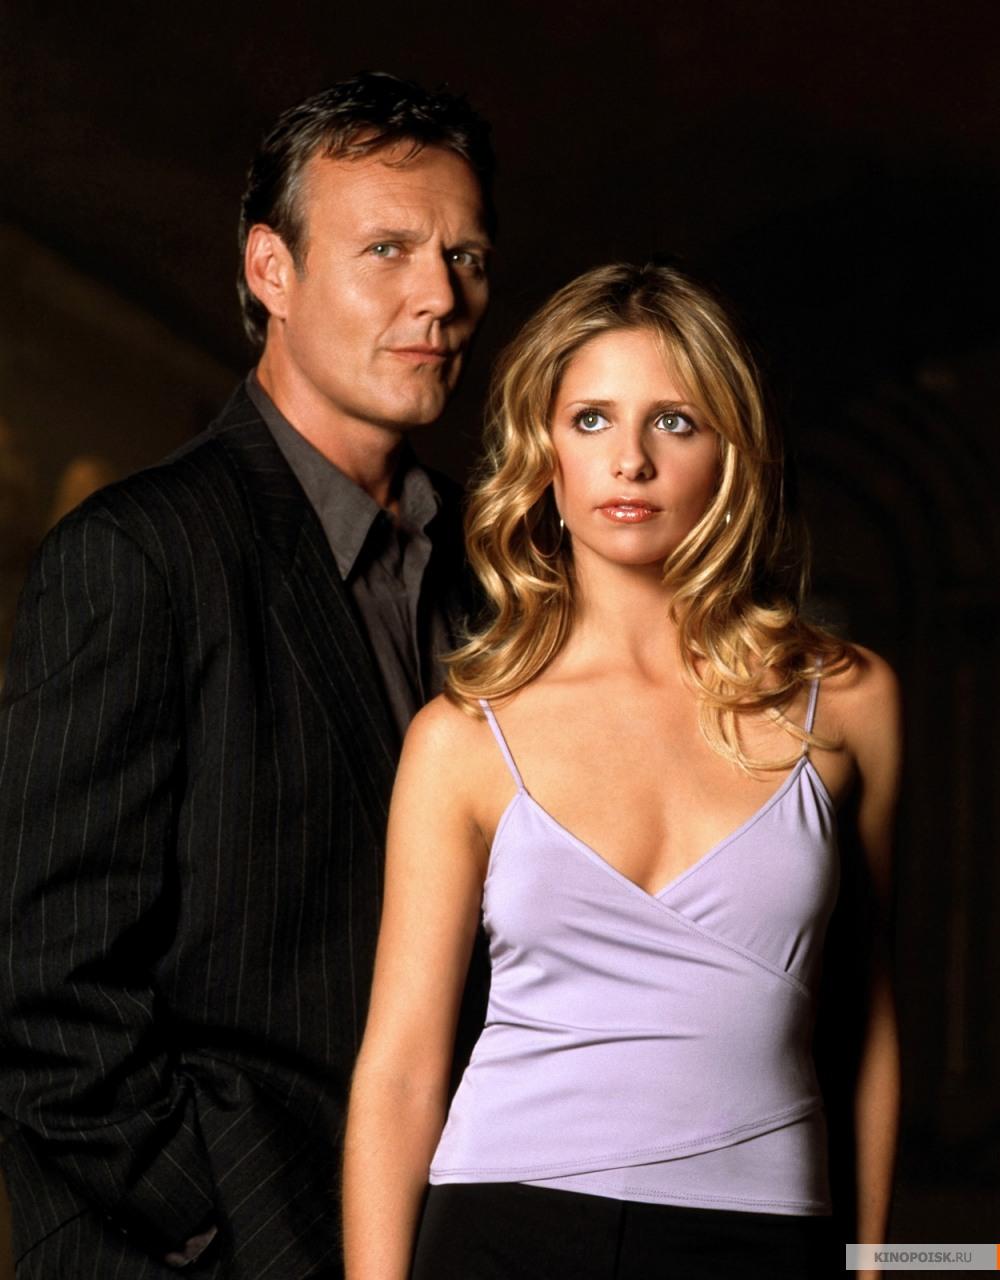 http://st.kinopoisk.ru/im/kadr/1/1/9/kinopoisk.ru-Buffy-the-Vampire-Slayer-1195324.jpg